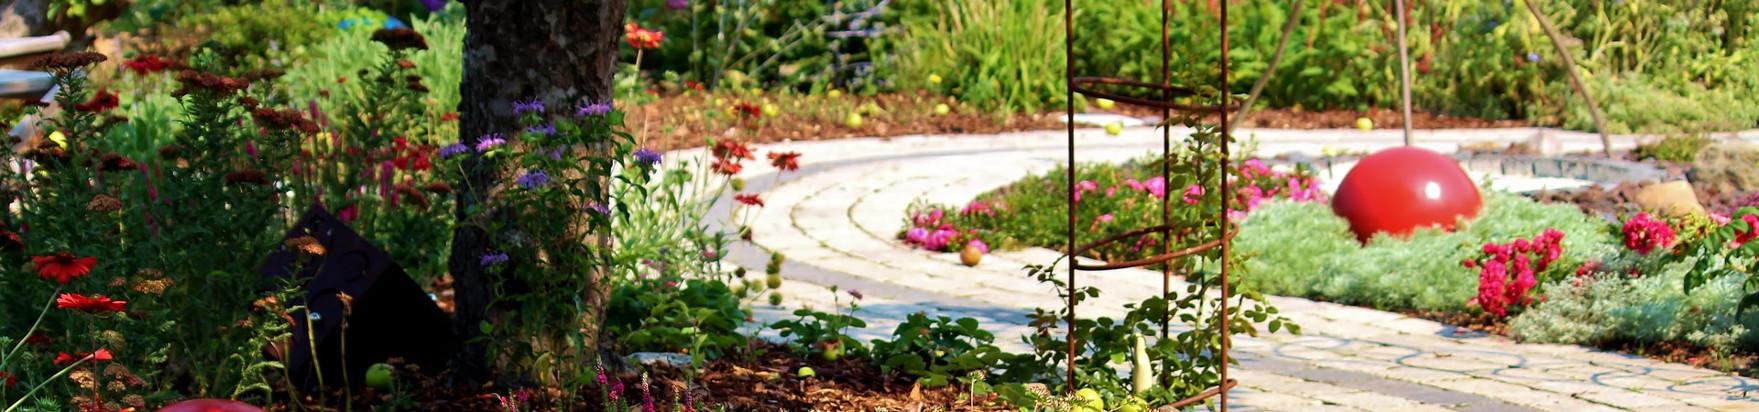 Garten Landschaftsbau Rosenheim